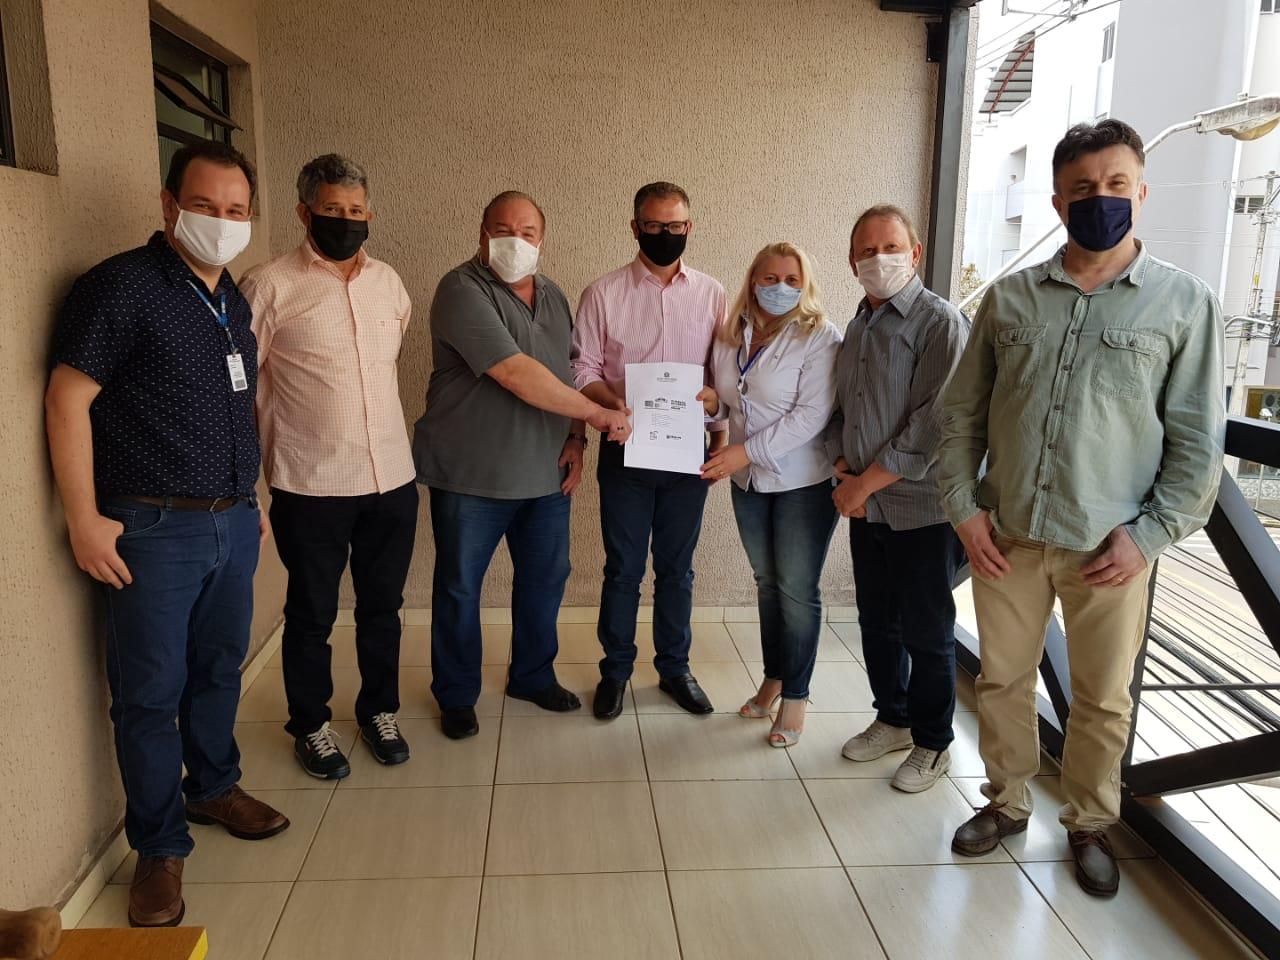 Pato Branco - Crea-PR e entidades de classe entregam materiais com sugestões para os candidatos a prefeito